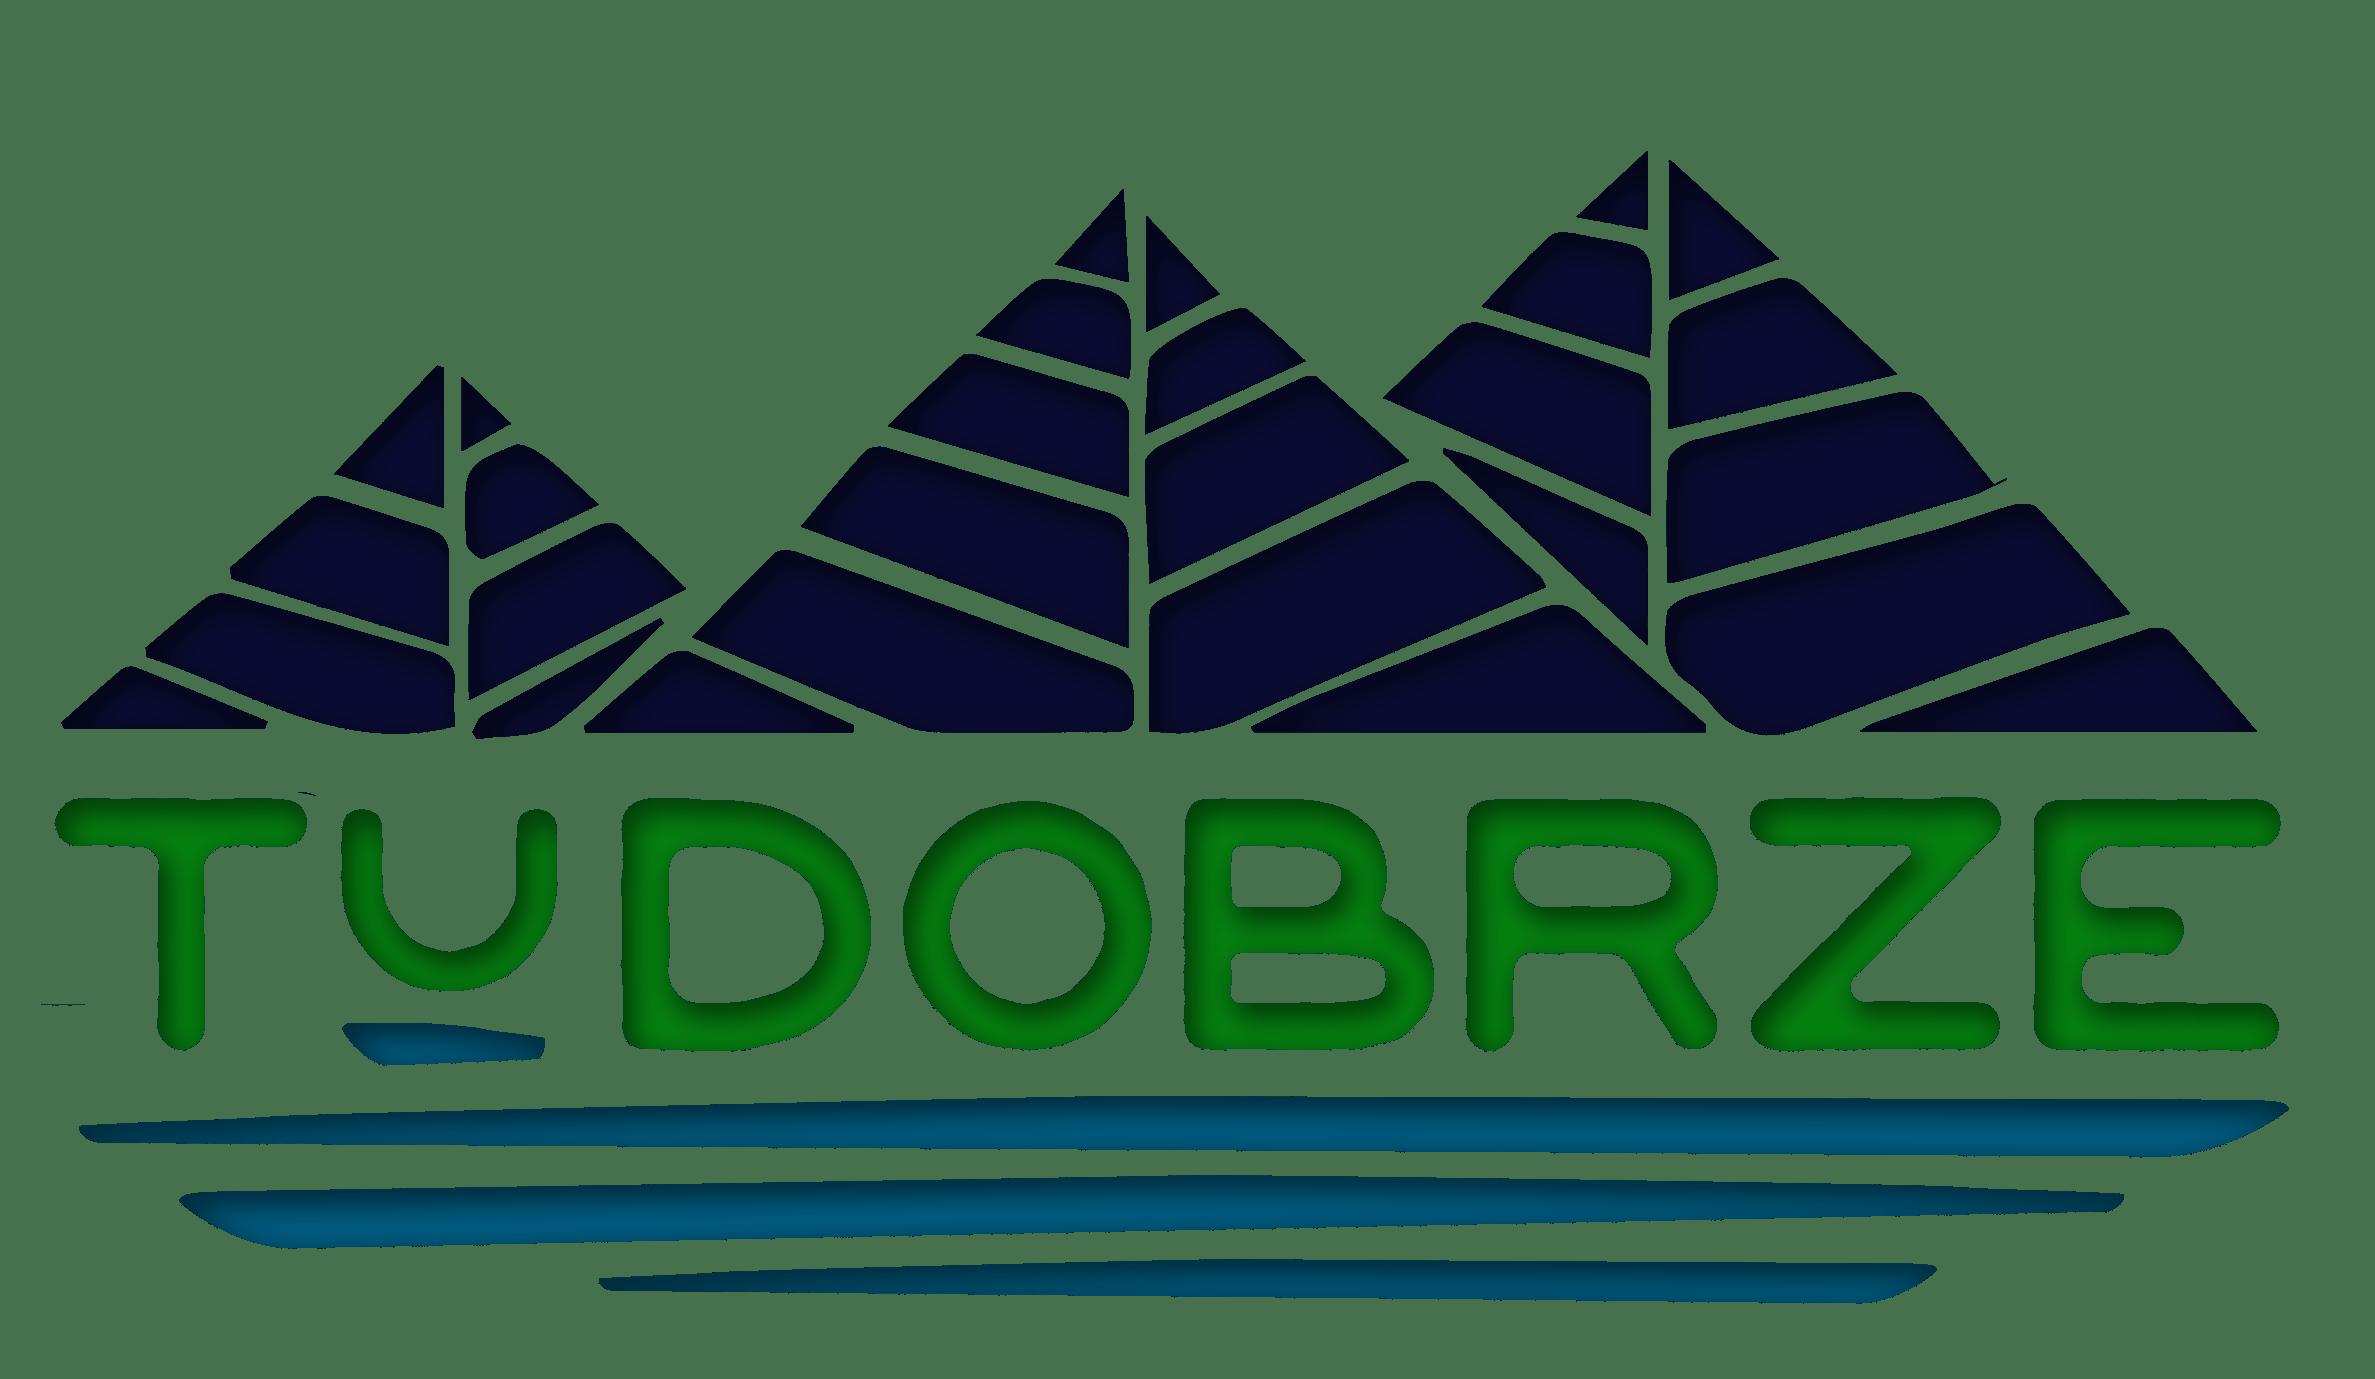 TuDobrze logo